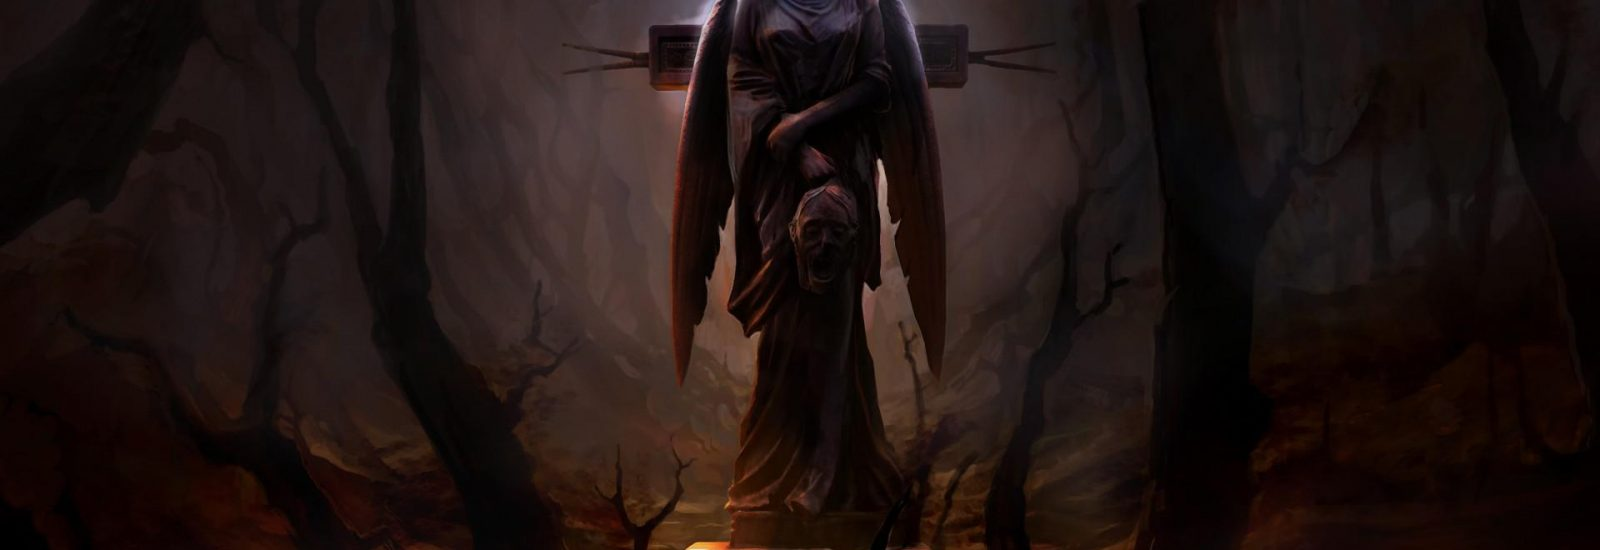 The Incredible Adventures of Van Helsing: Final Cut